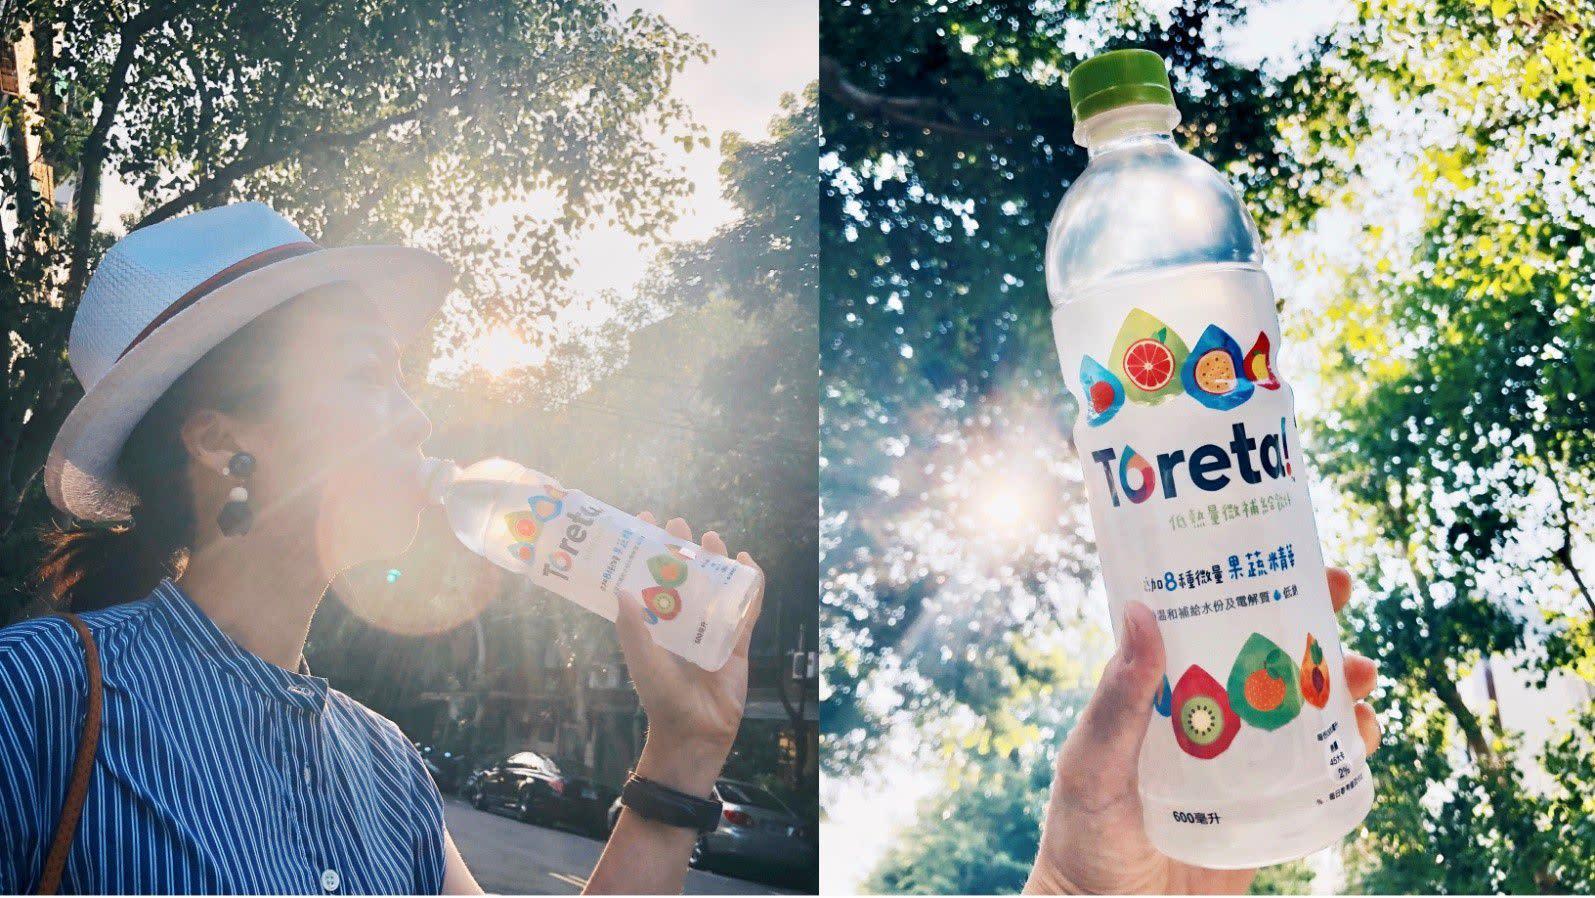 「Toreta!」低熱量水份微補給,喝了好像在拍韓劇!